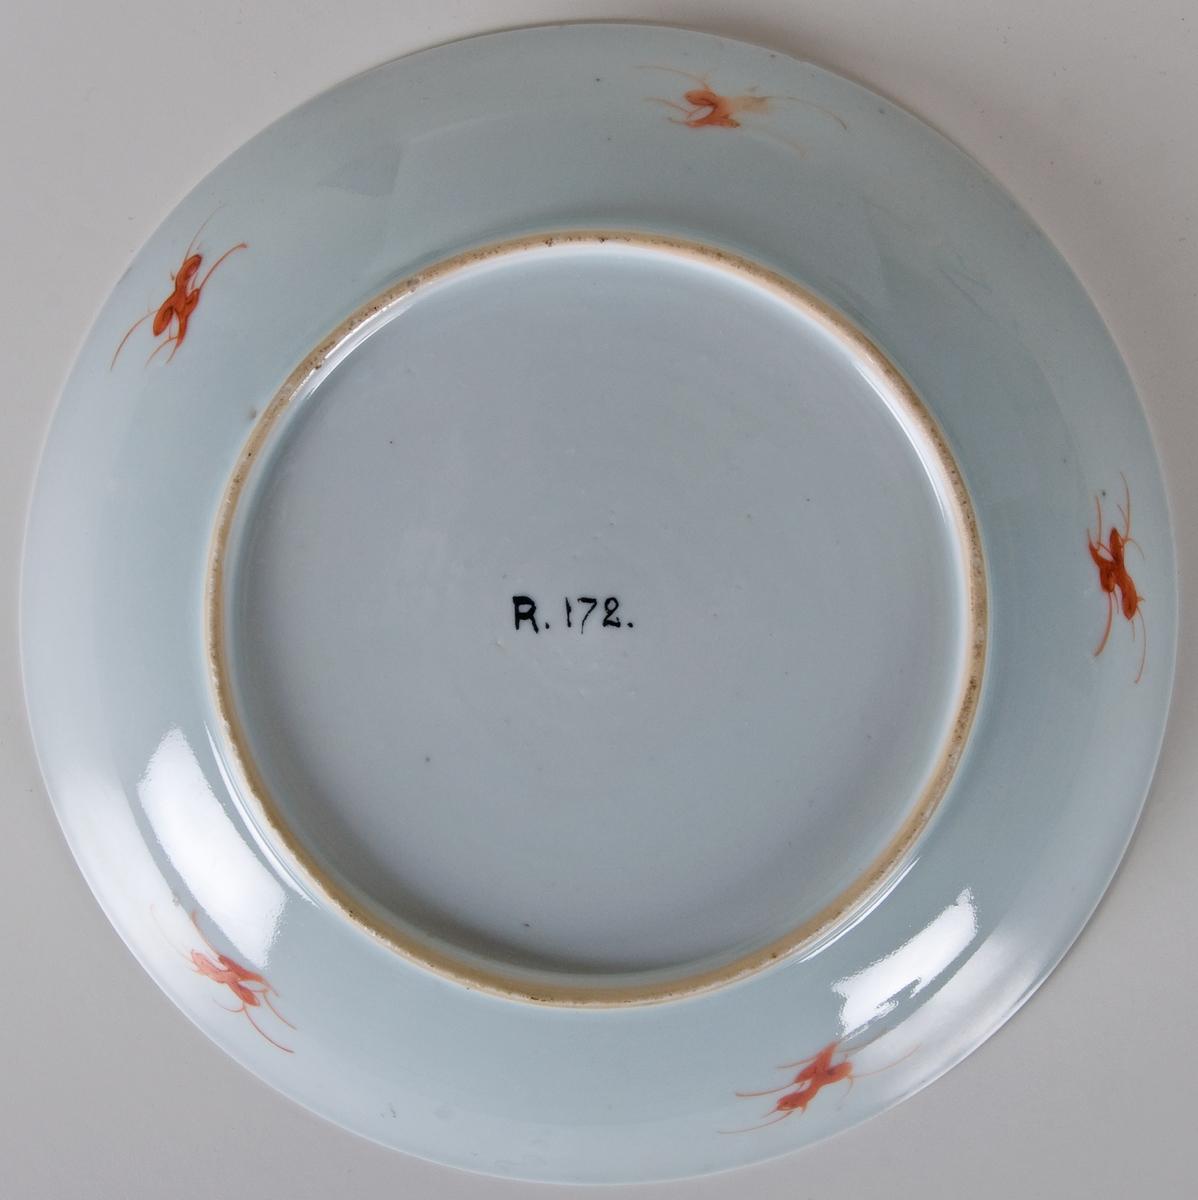 Riskoppar/ tallriksform, porslin. 4 st. kupiga. Mörkblå glasyr med övermålning i guld, lansdkap och ornamental bård. Vit glasyrundertilloch på brämets undersida. Undertill fem växtornament i orangefärg. Utan fabrikationsmärke. Kina, Powdered Blue.